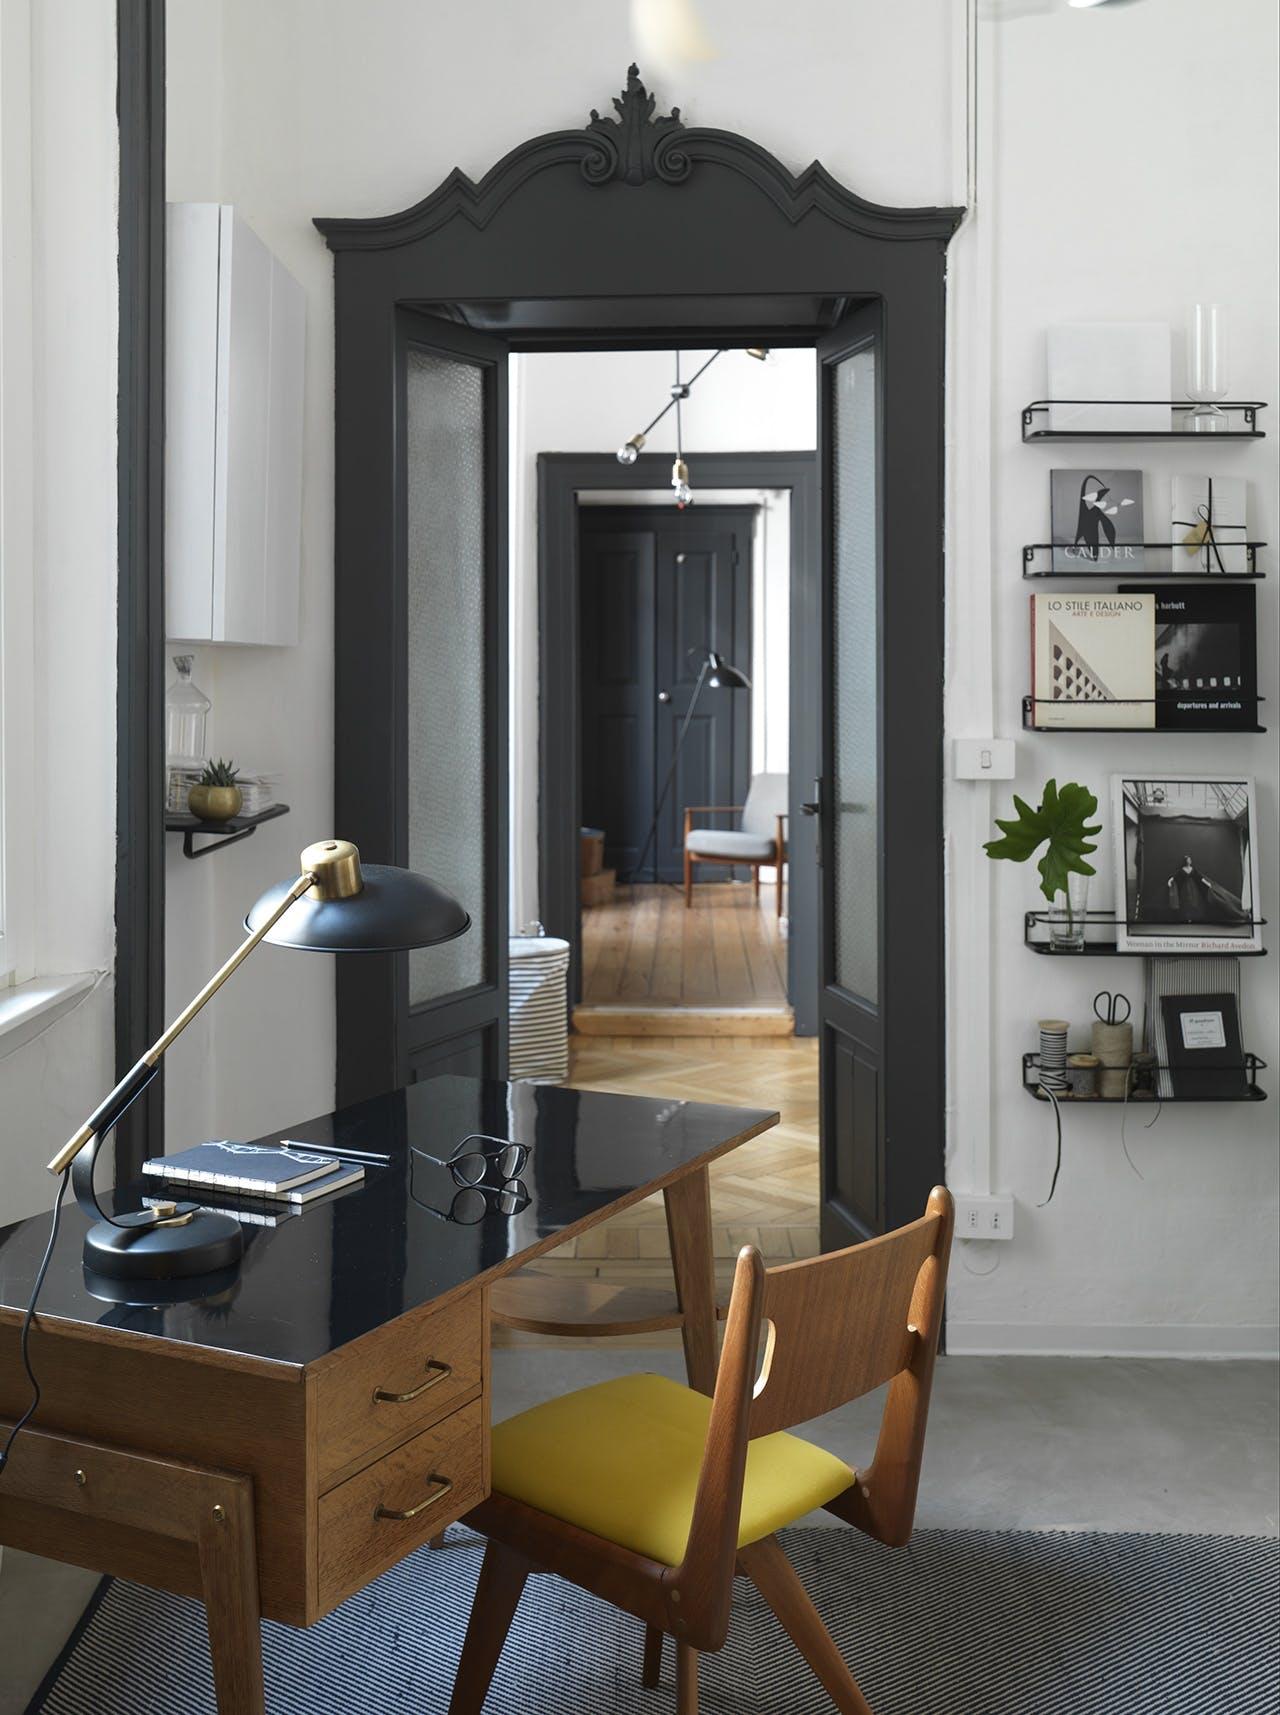 bolig indretning dansk design kontor skrivebord stol